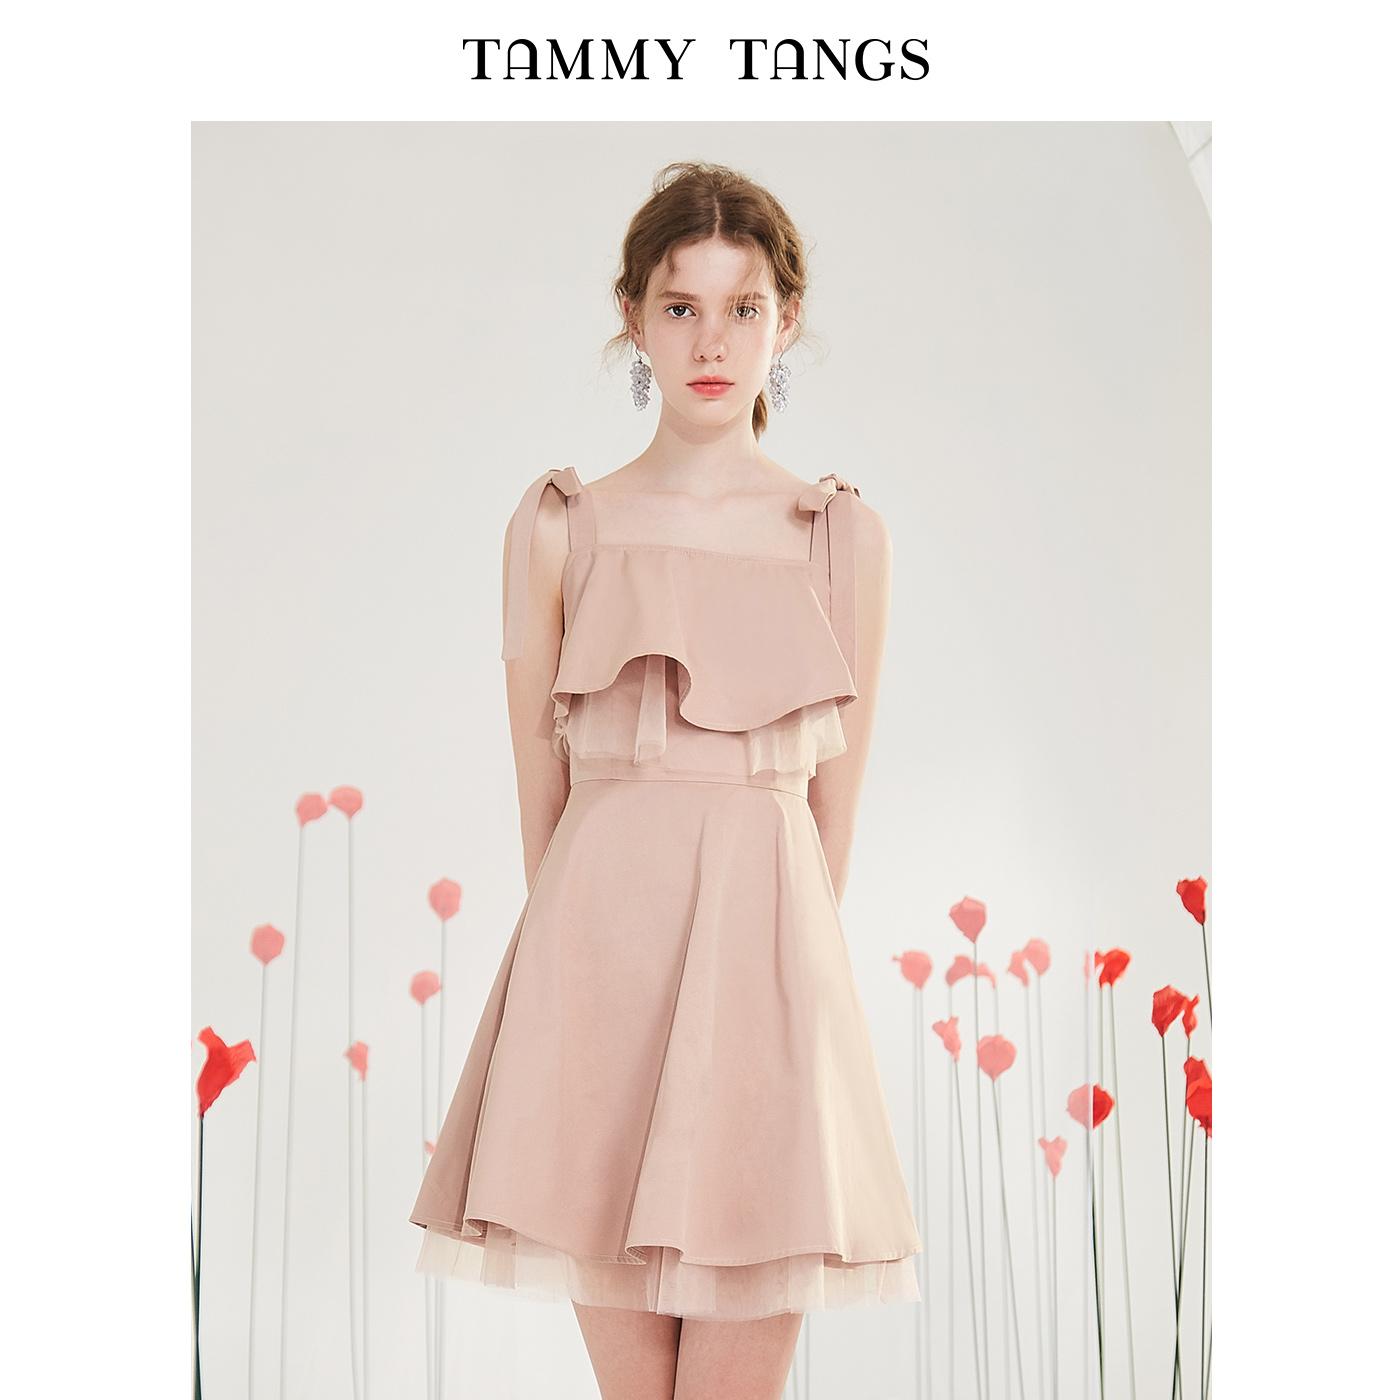 【打折】糖力2018夏装新款女装粉红色仙女网纱拼接绑带吊带连衣裙